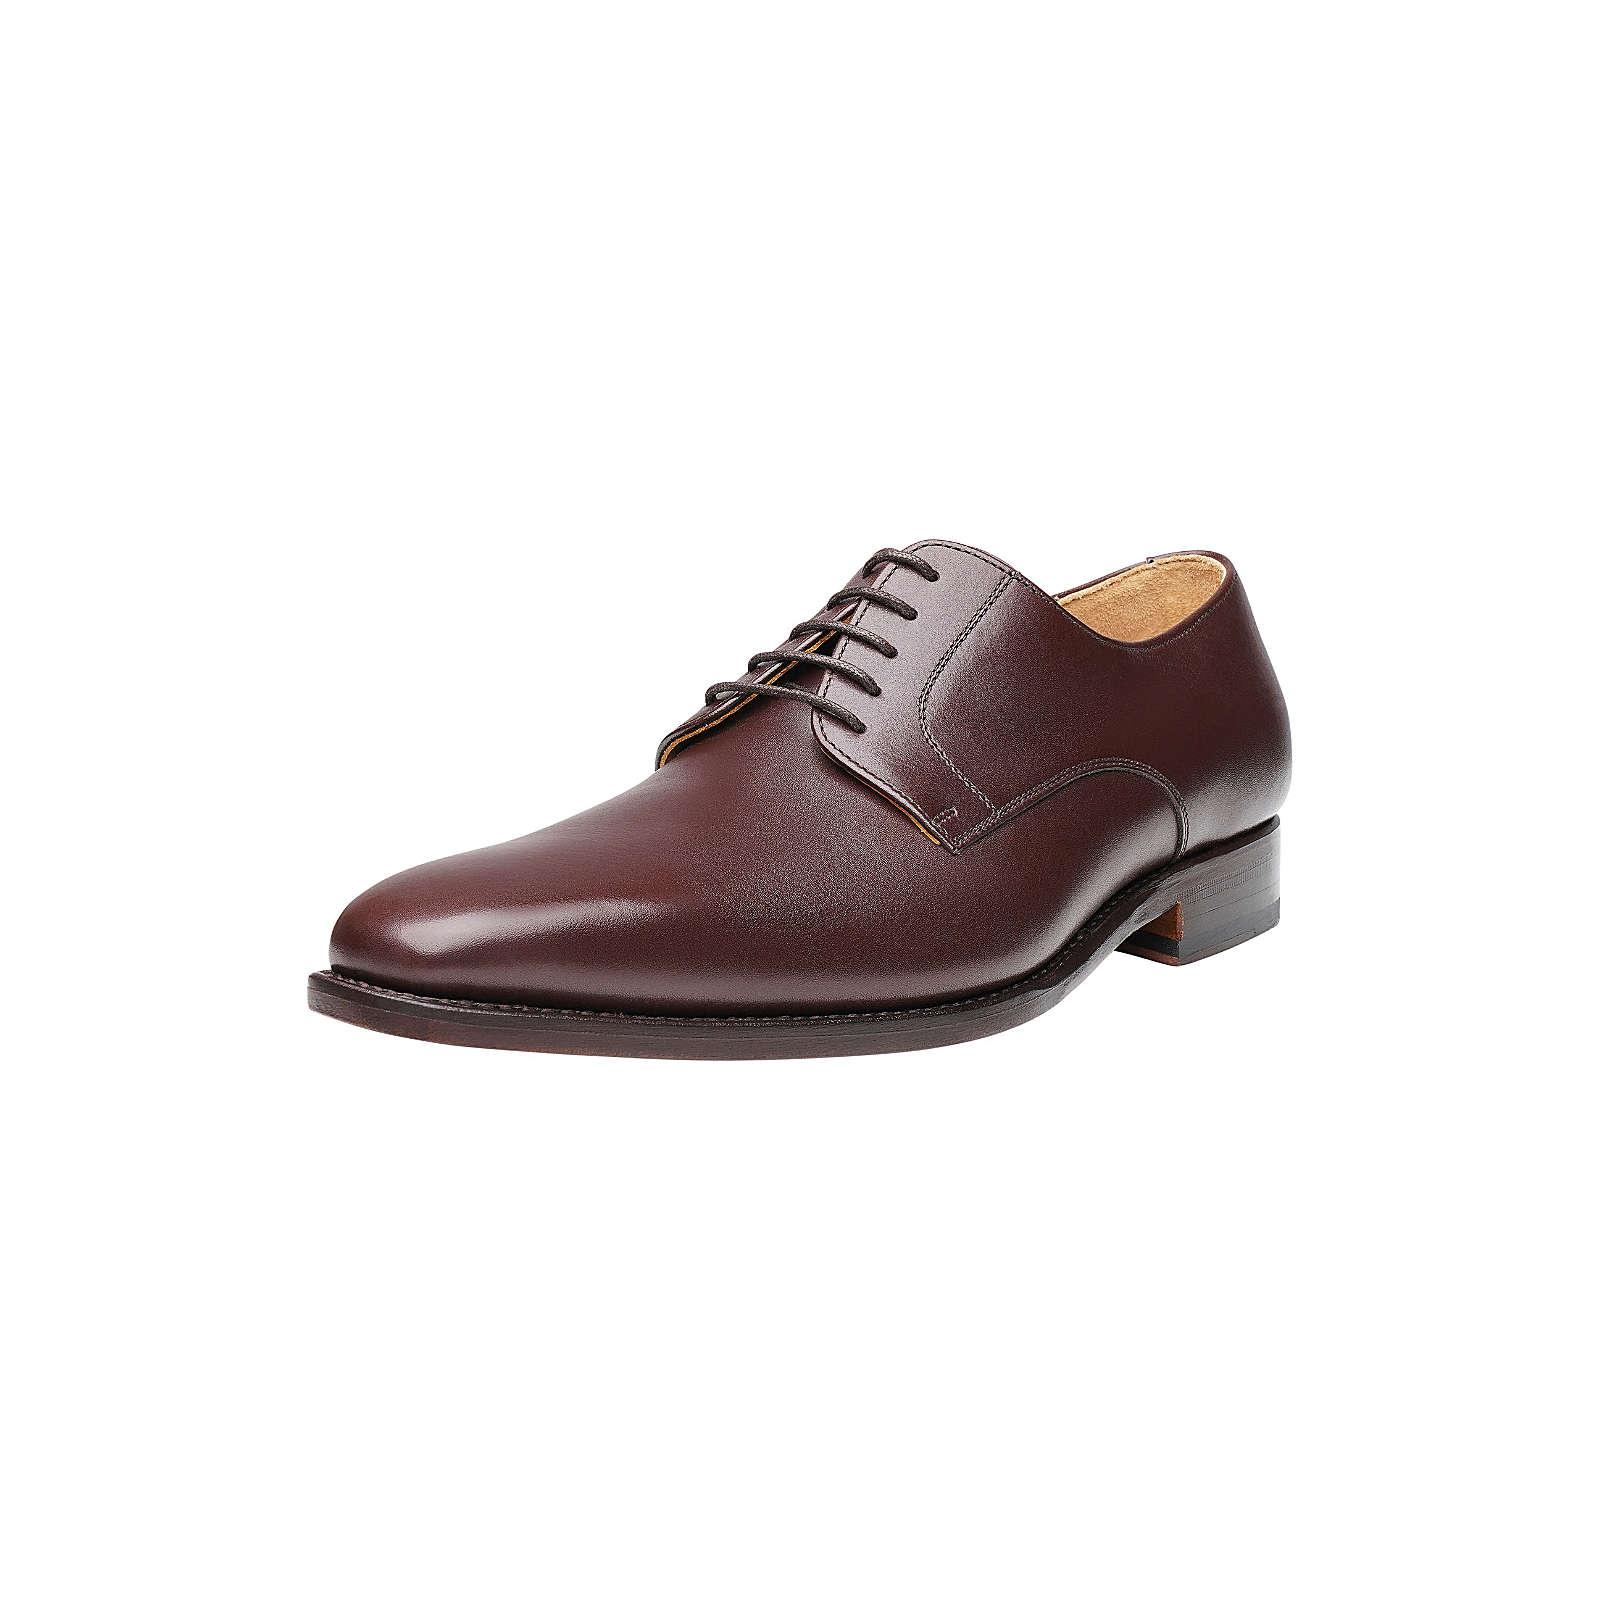 Shoepassion Businessschuhe No. 534 Business-Schnürschuhe dunkelbraun Herren Gr. 48